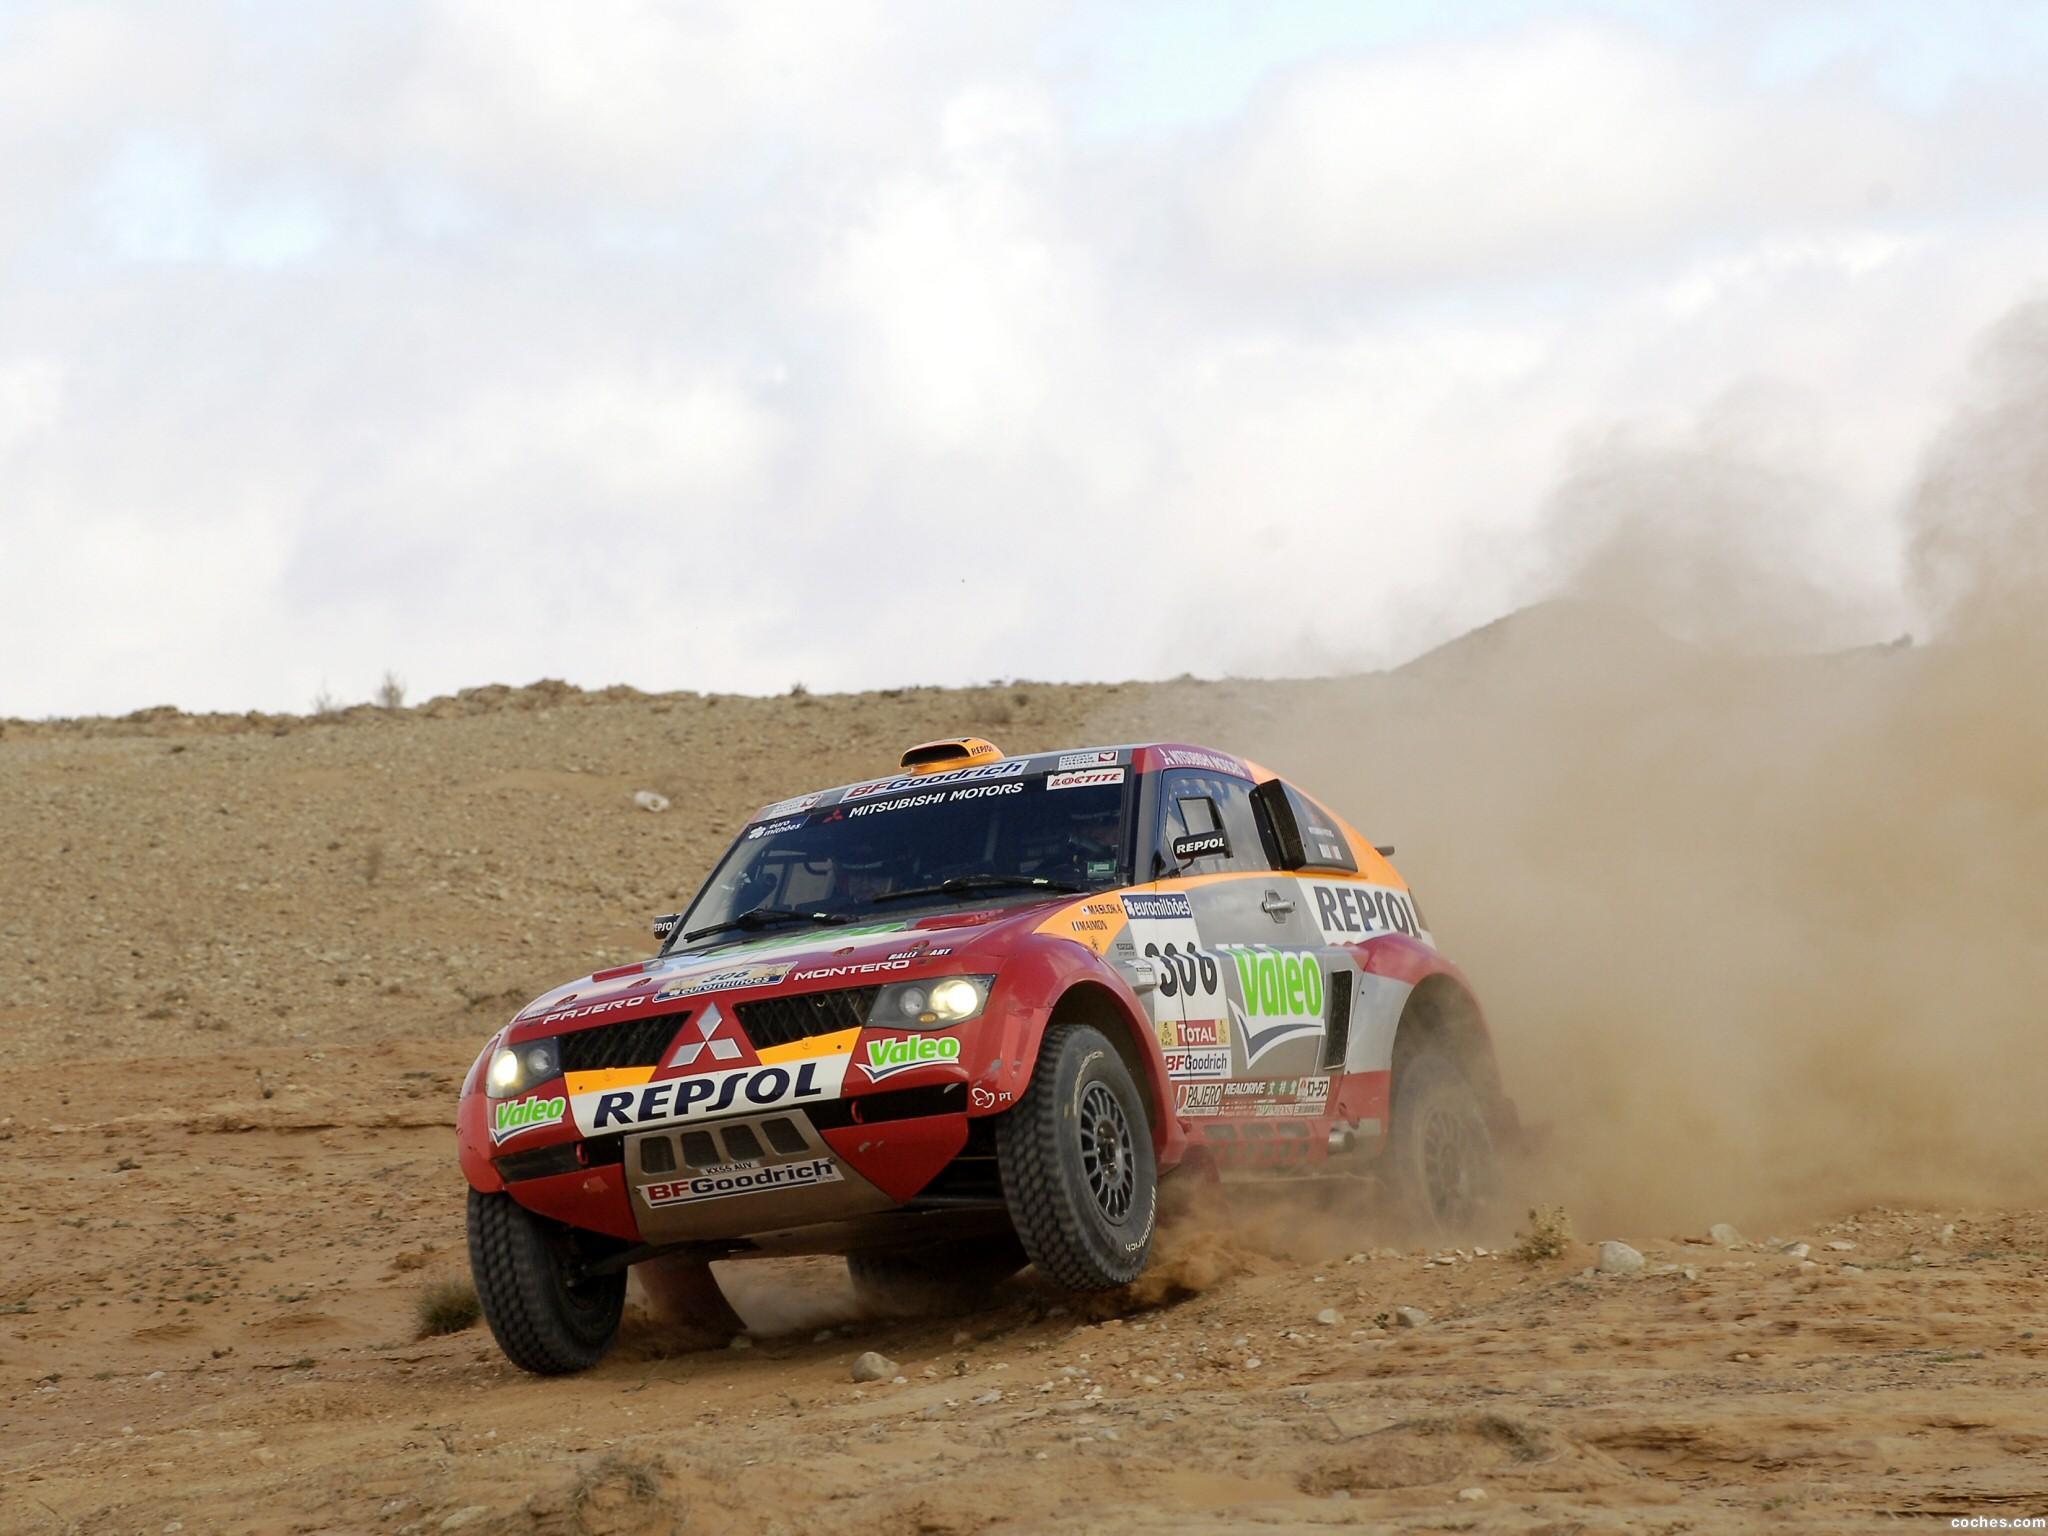 Foto 11 de Mitsubishi Pajero Dakar 2006